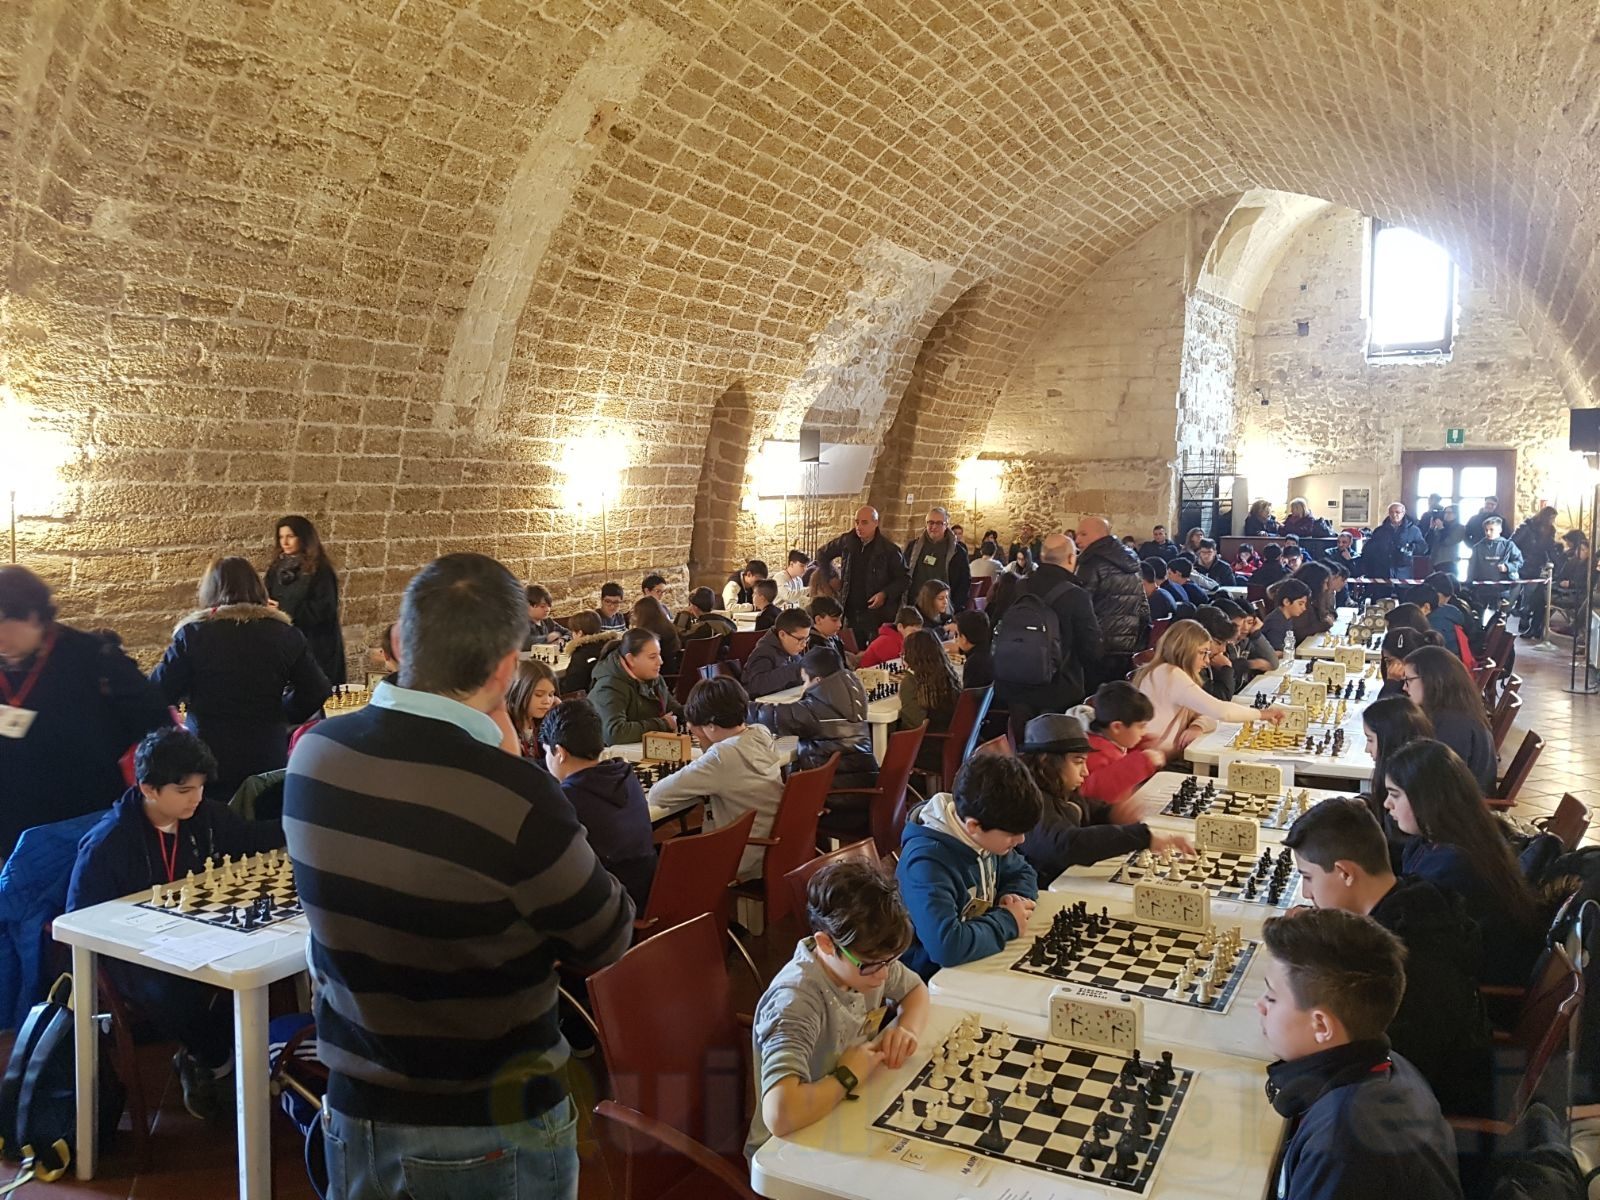 Sabato 14 aprile nel Palazzetto dello Sport la finale regionale del torneo di scacchi per le scuole